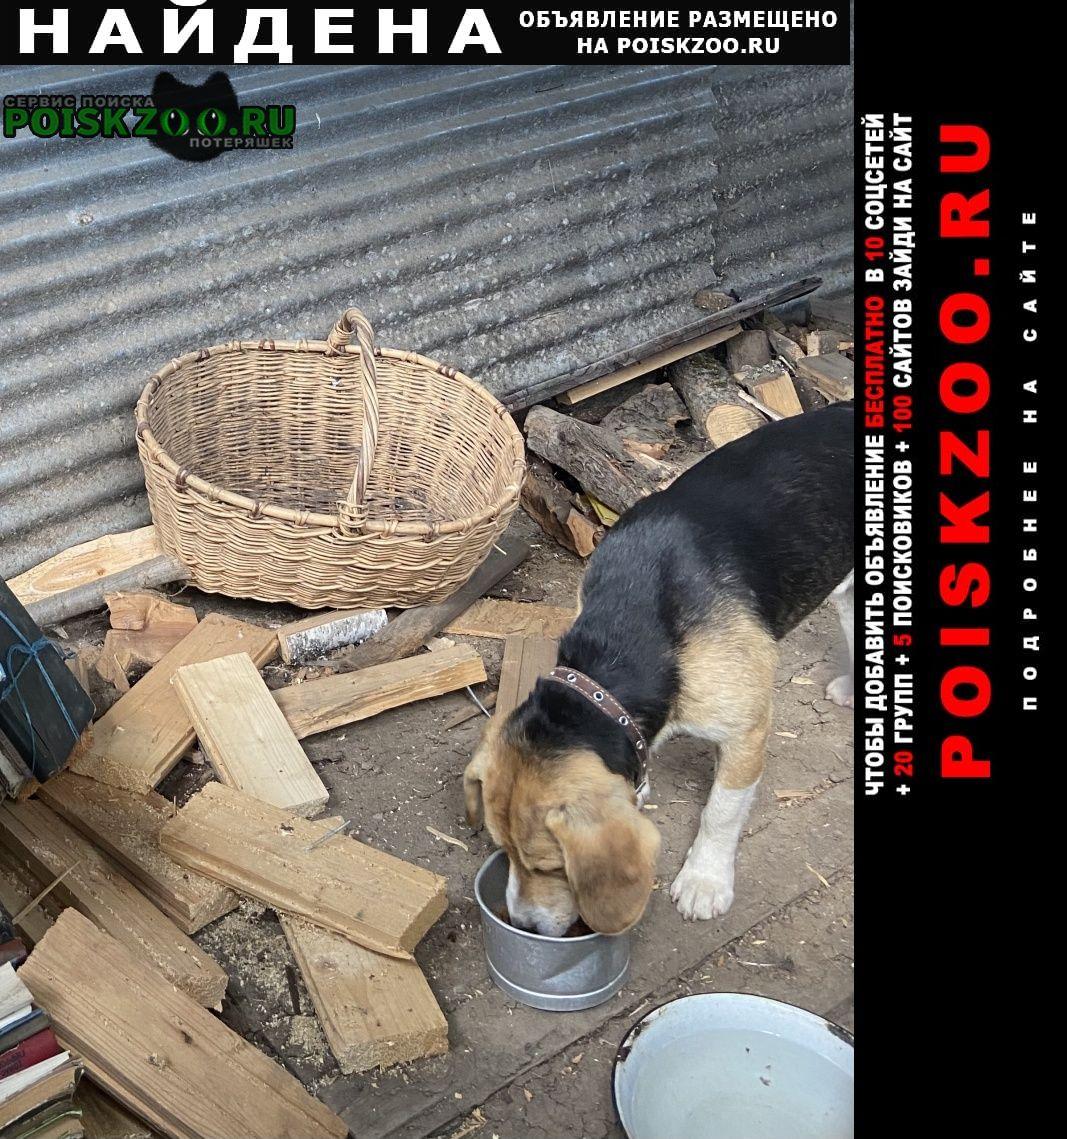 Найдена собака кобель предположительно бигль Солнечногорск